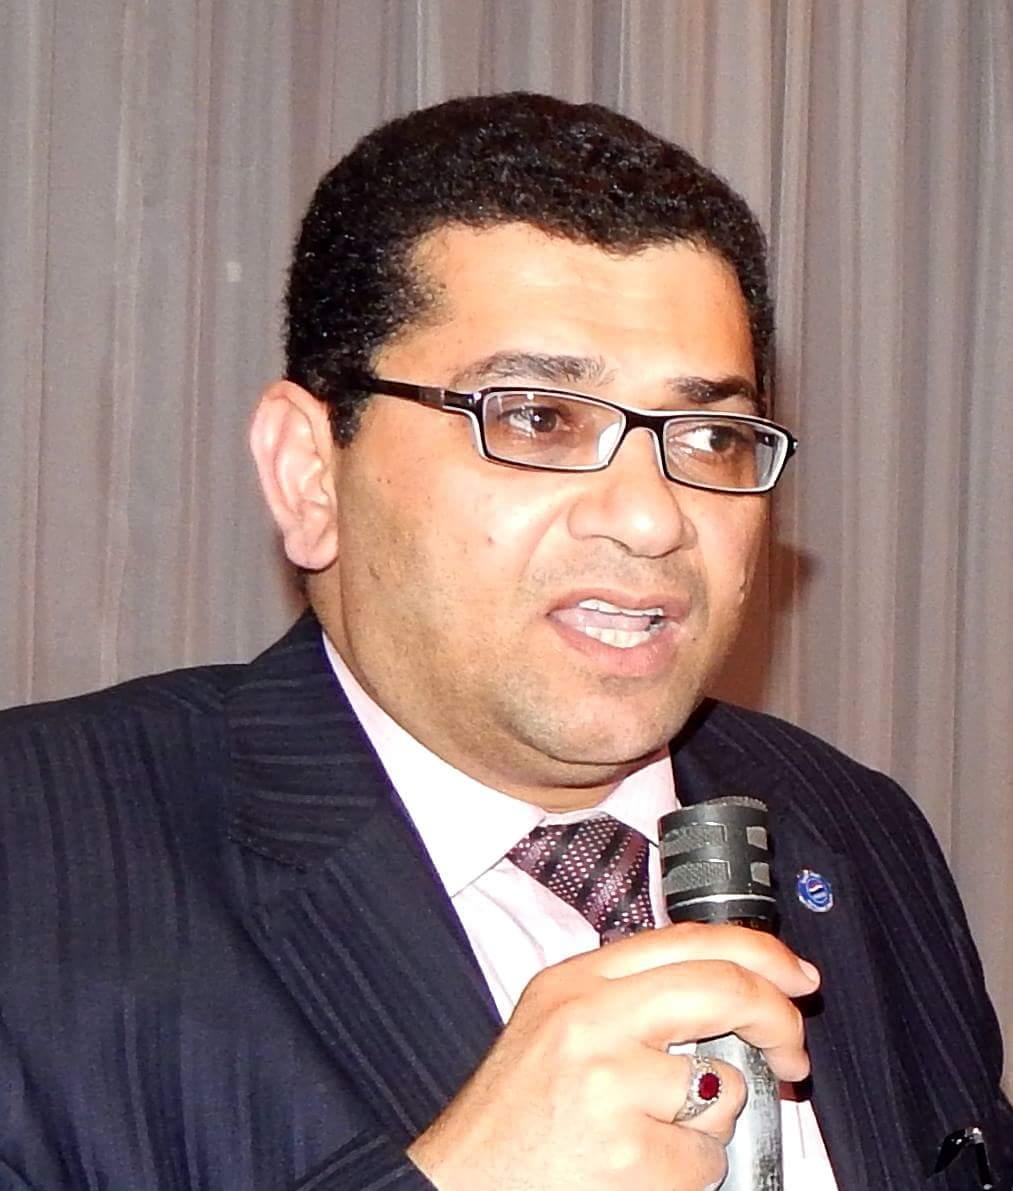 د. أحمد علي سليمان: الاعتداء الغادر على الدكتور علي جمعة اعتداء على كل المصريين